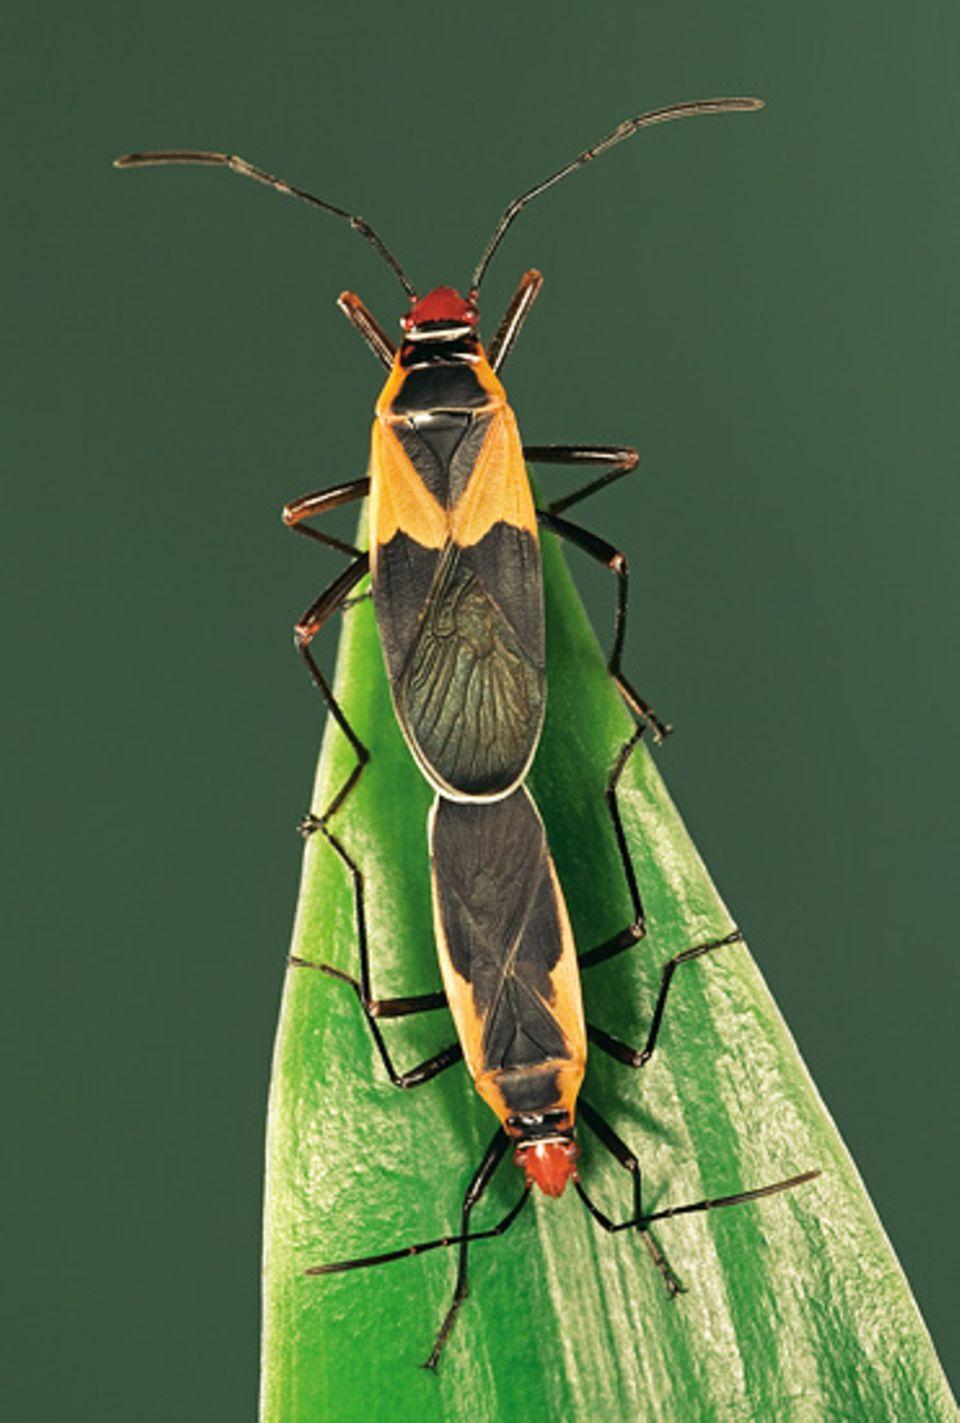 Heteroptera: Die Paarung läuft bei den Wanzen sehr unterschiedlich ab: Bei einigen Arten locken die Männchen mit Duftwolken, bei anderen springen sie ohne Vorwarnung auf die Weibchen